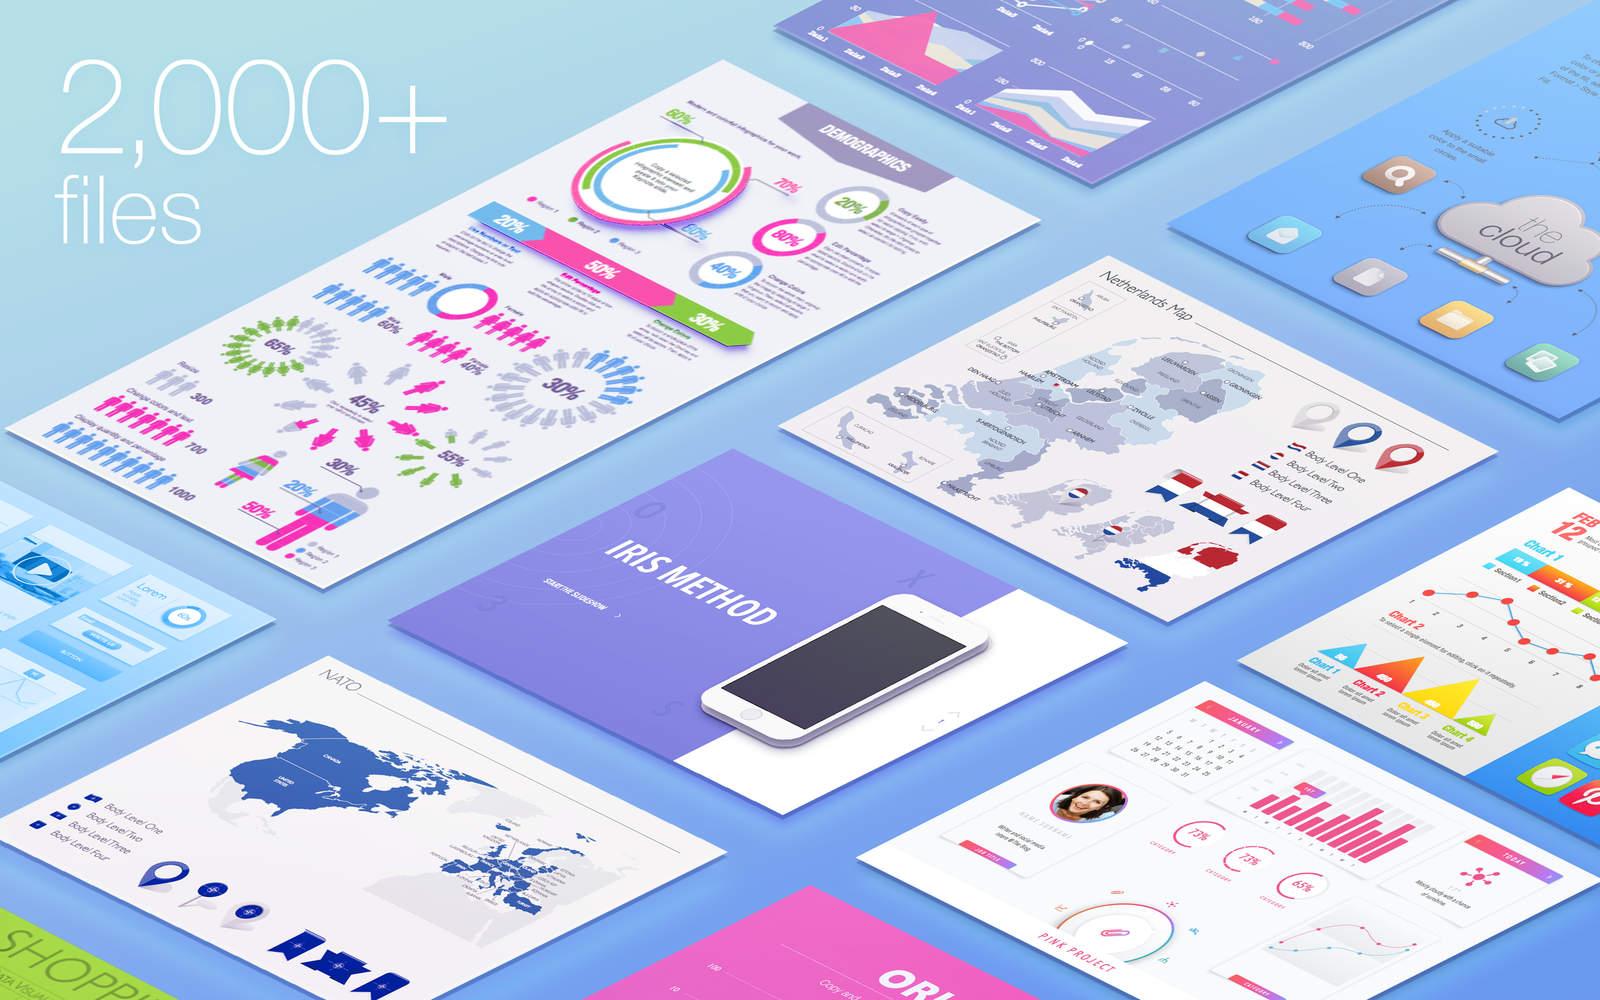 Plantillas para crear infografías en Keynote